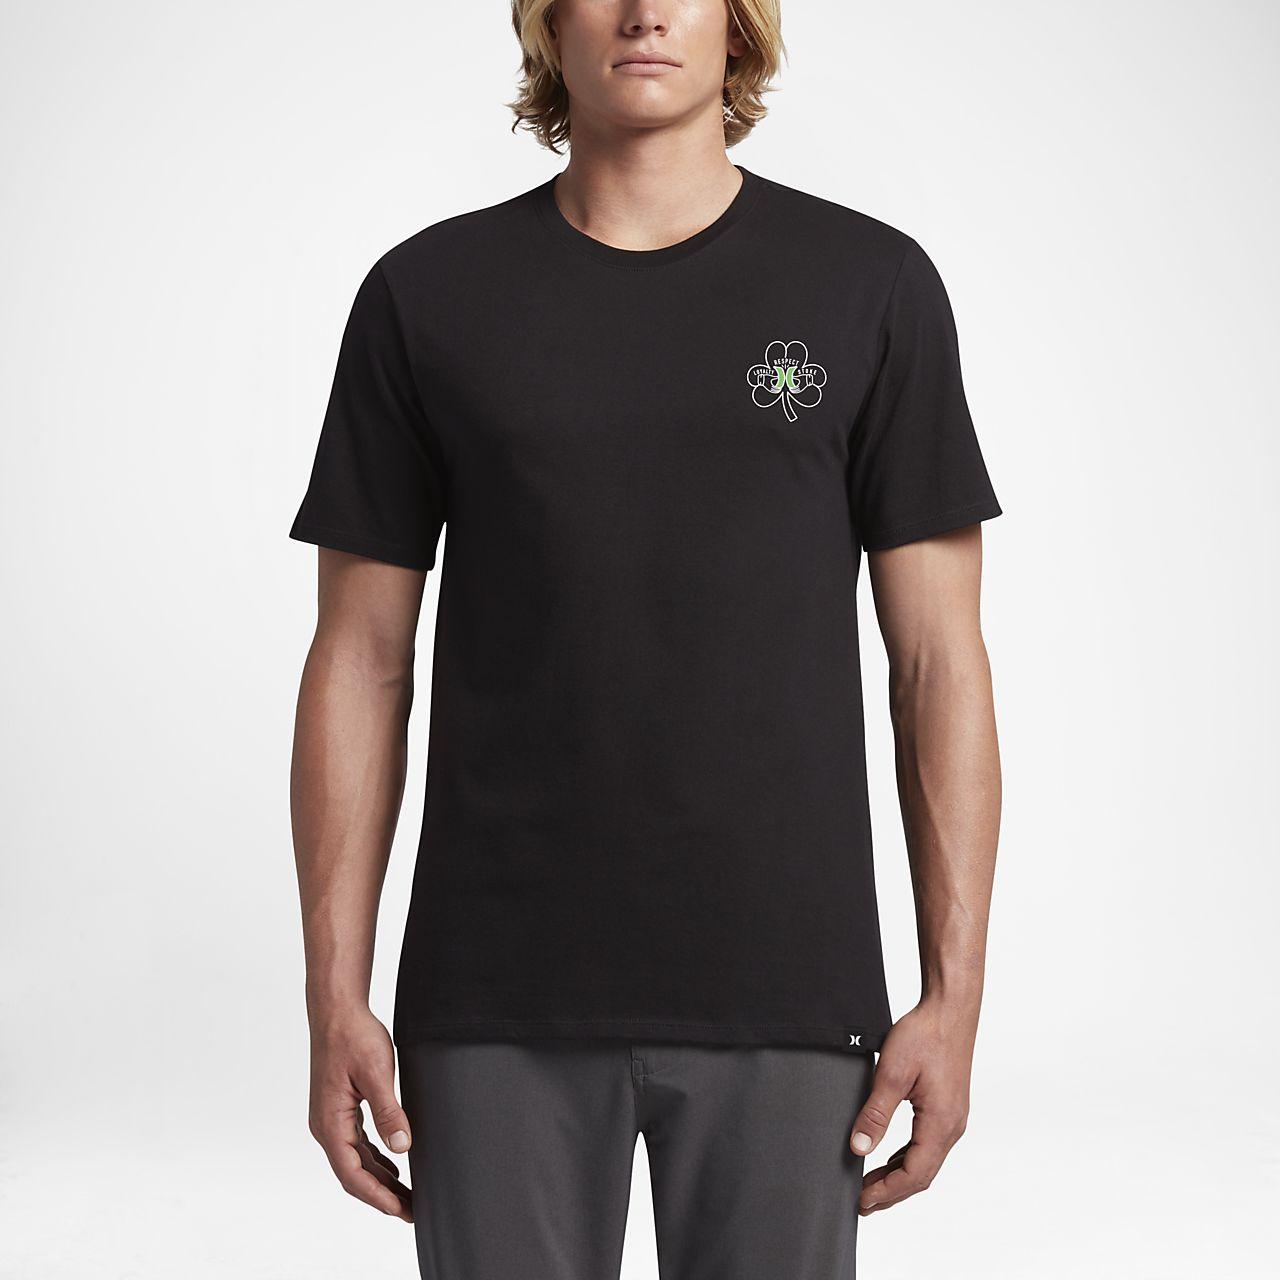 ... Hurley Irisher Men's T-shirt